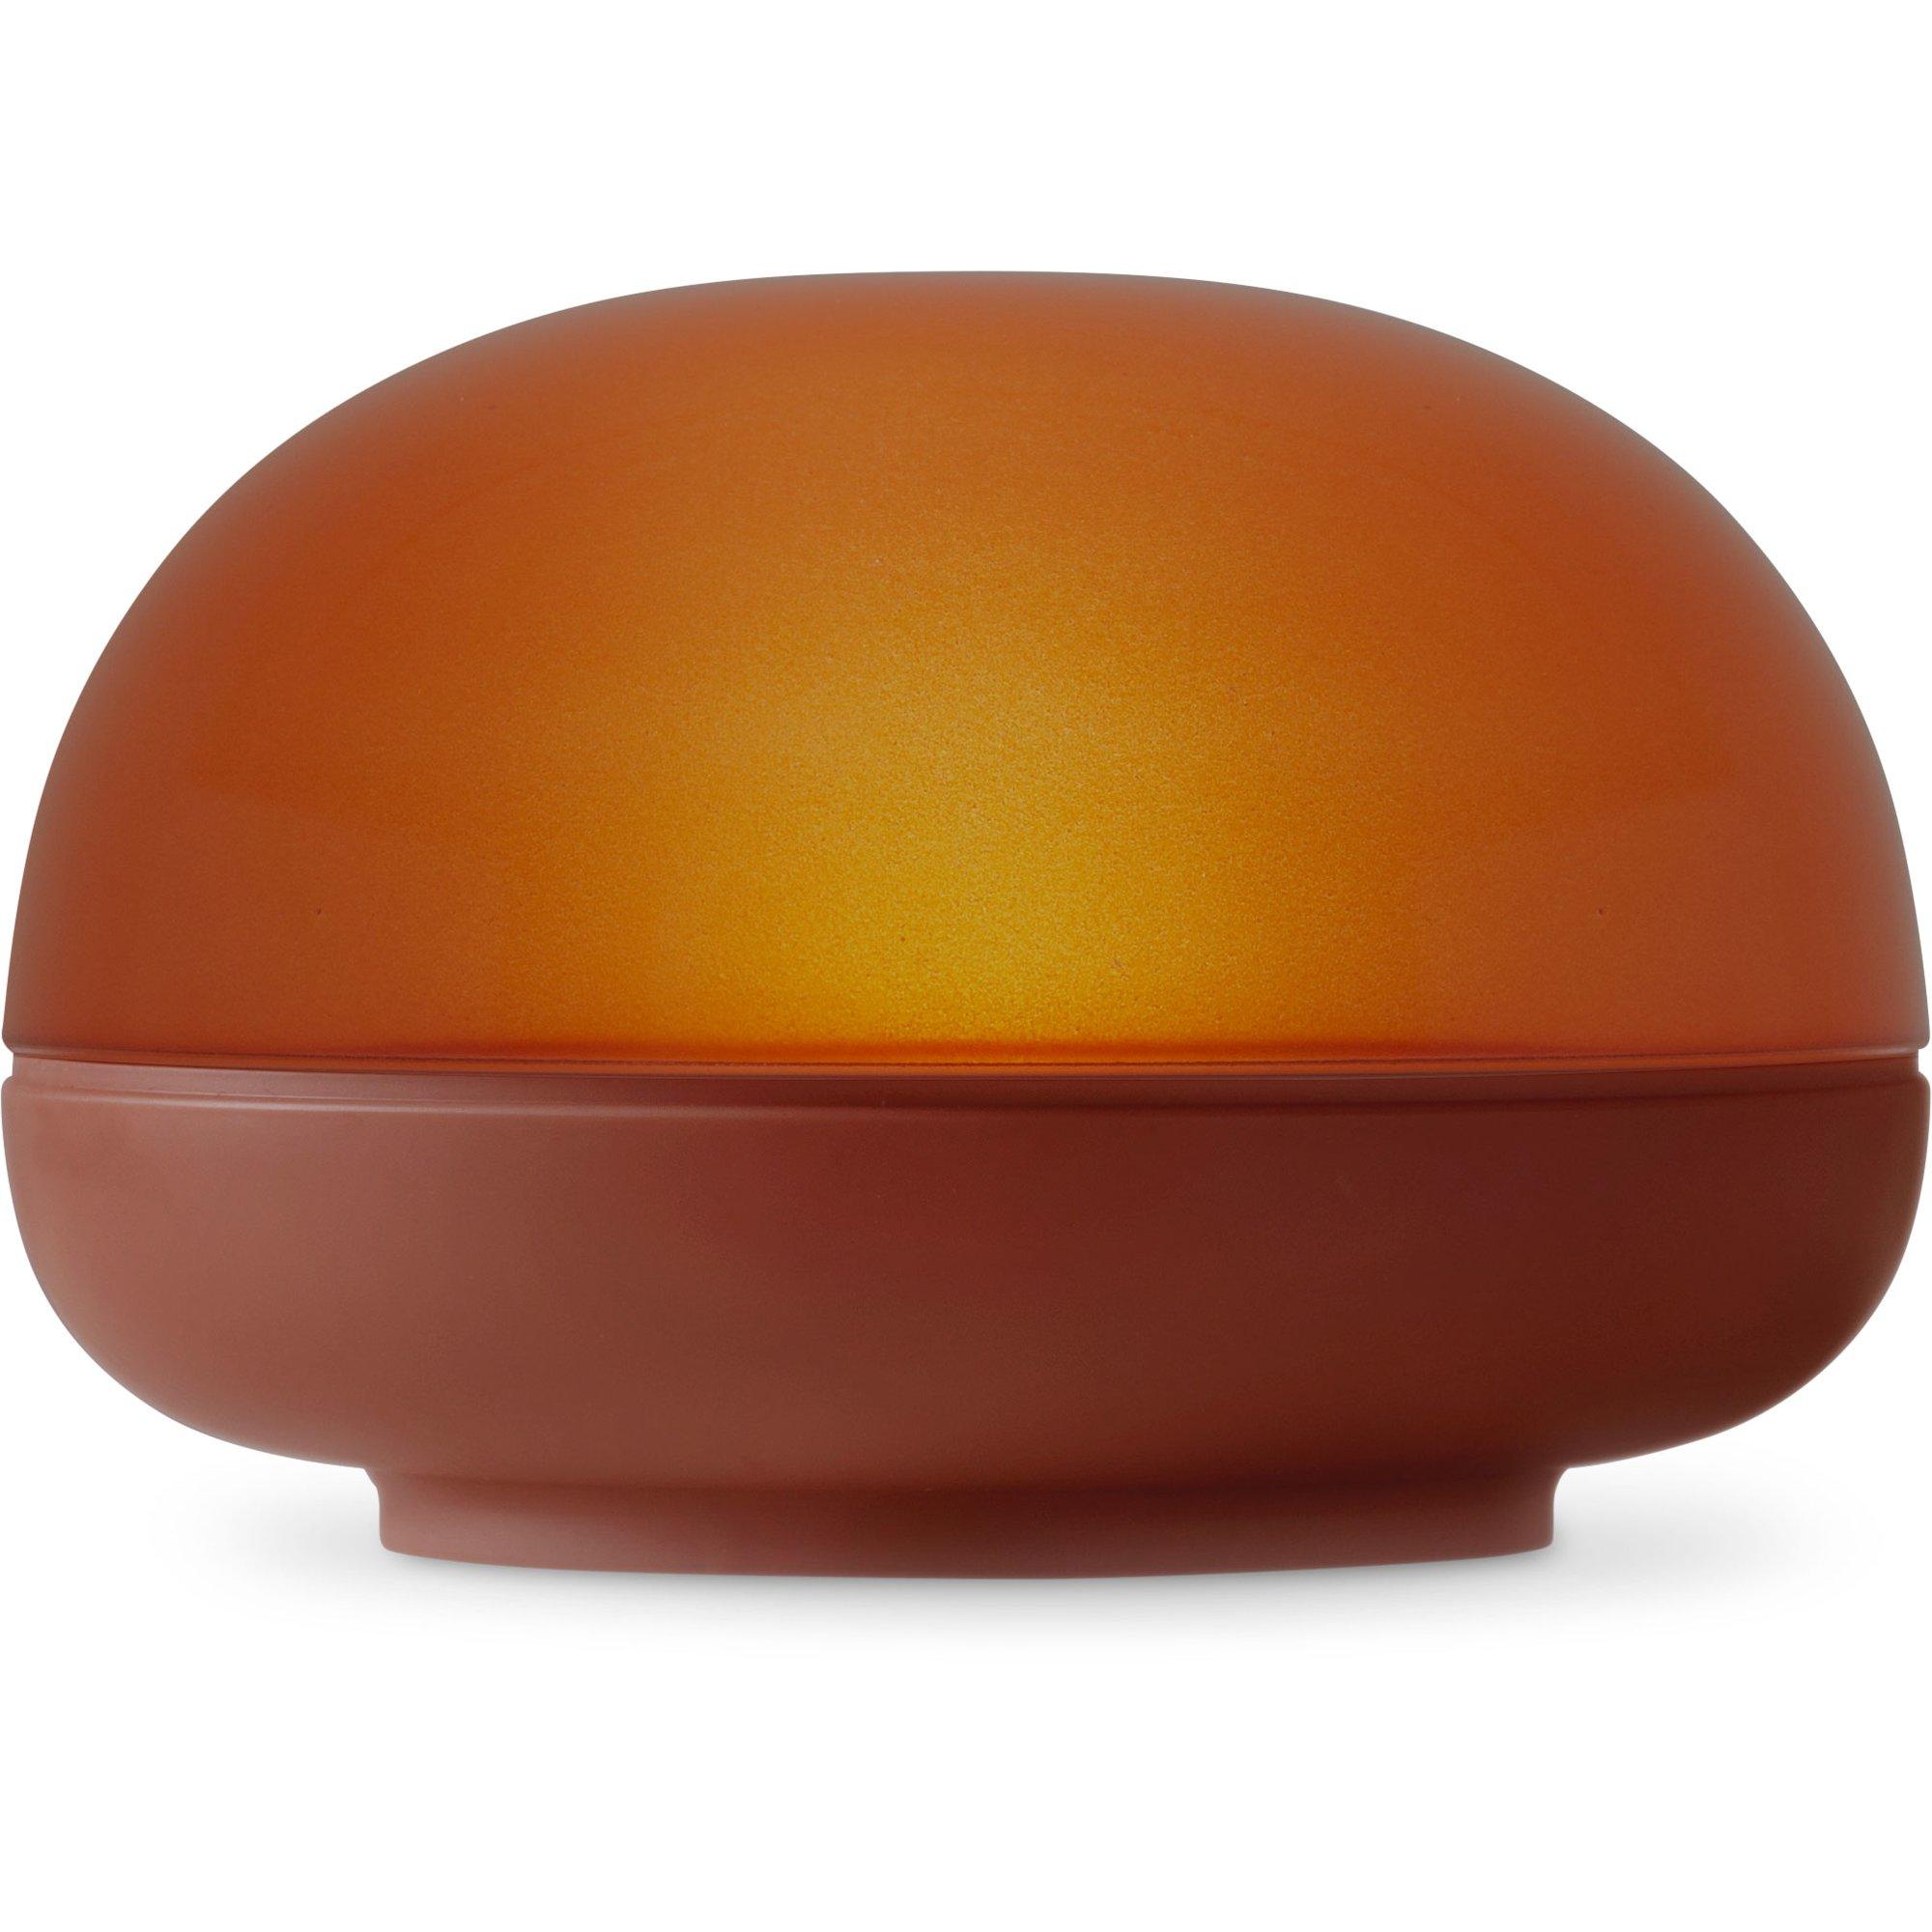 Rosendahl Soft Spot LED lampa Ø9 cm. Amber